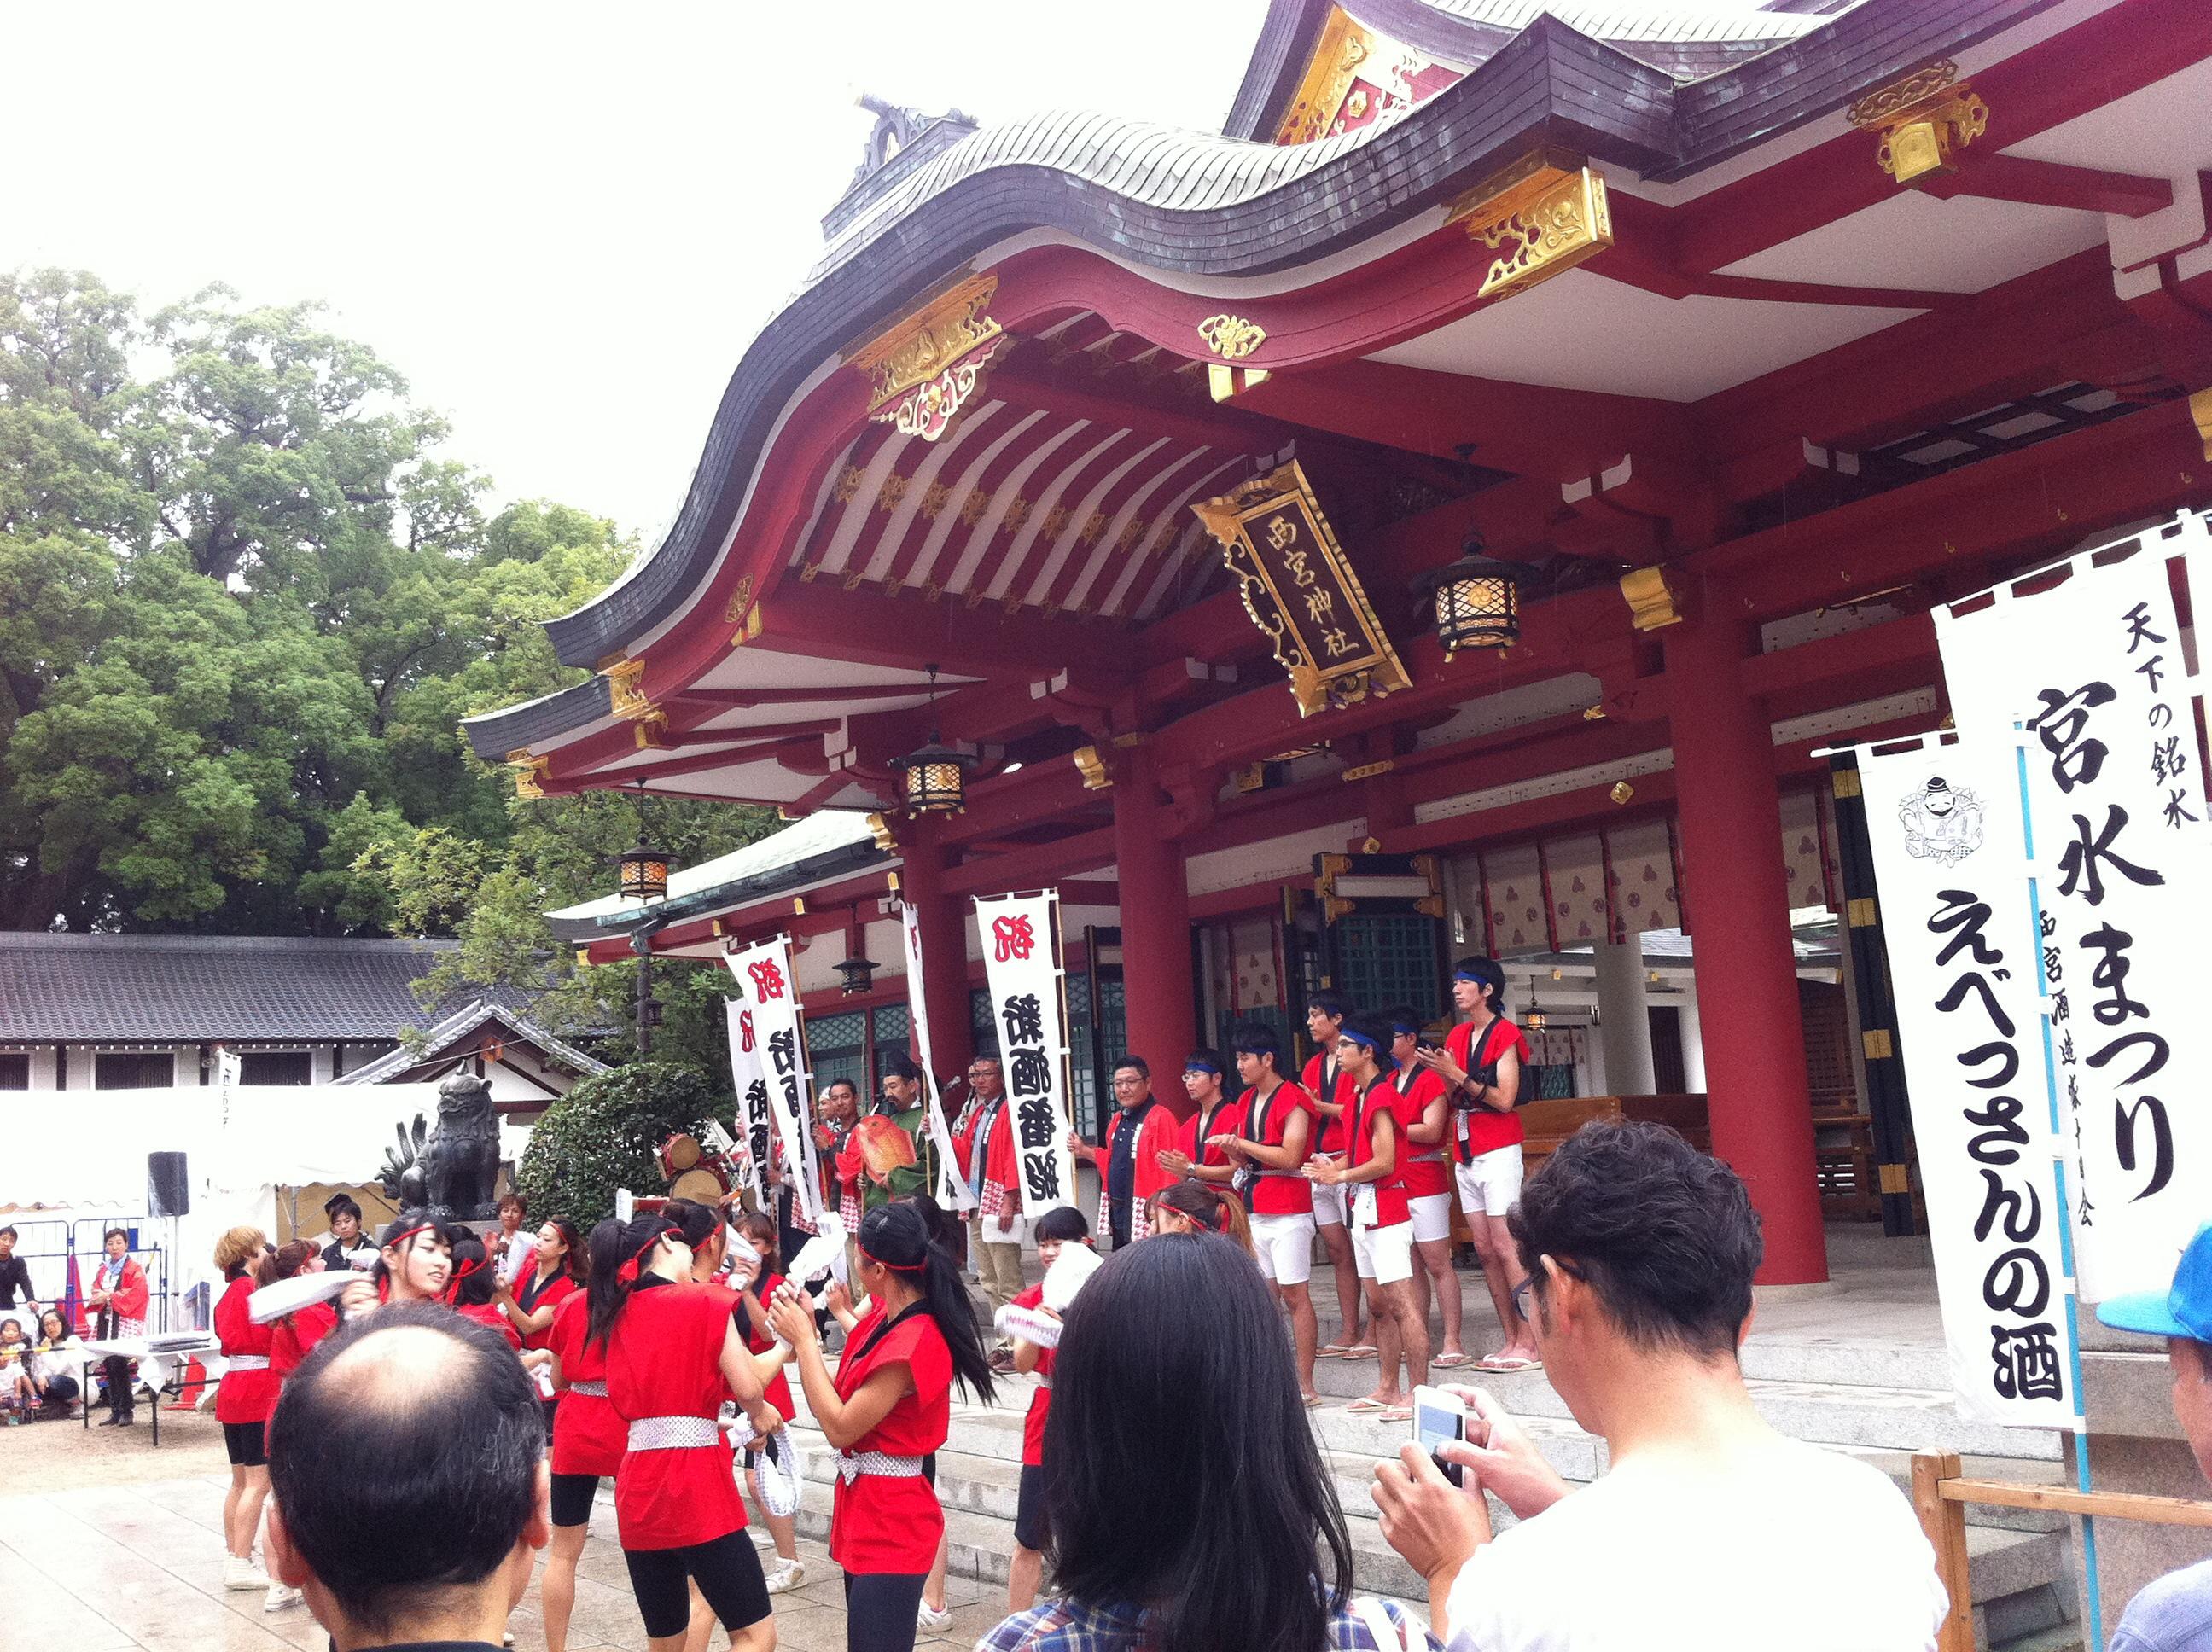 西宮神社 ルネサンス